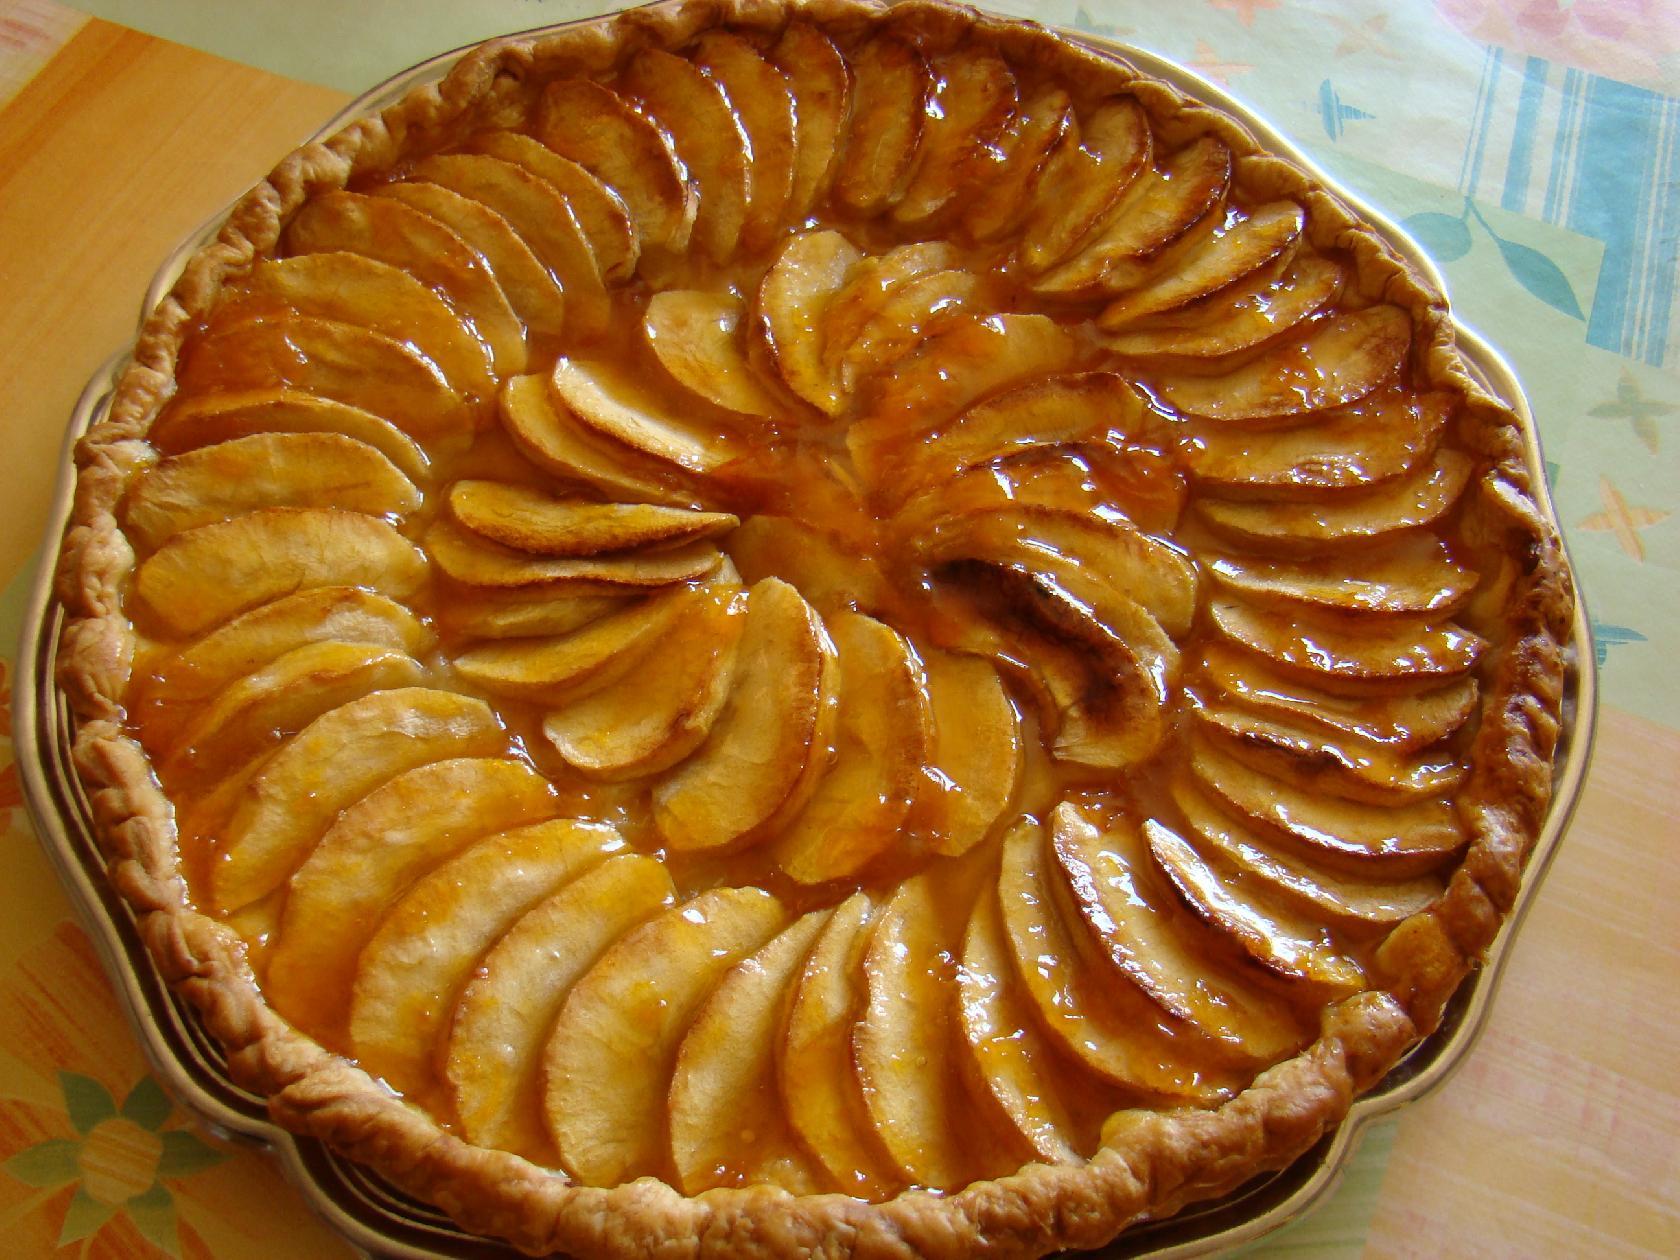 Appeltaart anw algemeen nederlands woordenboek - Dessin de tarte aux pommes ...